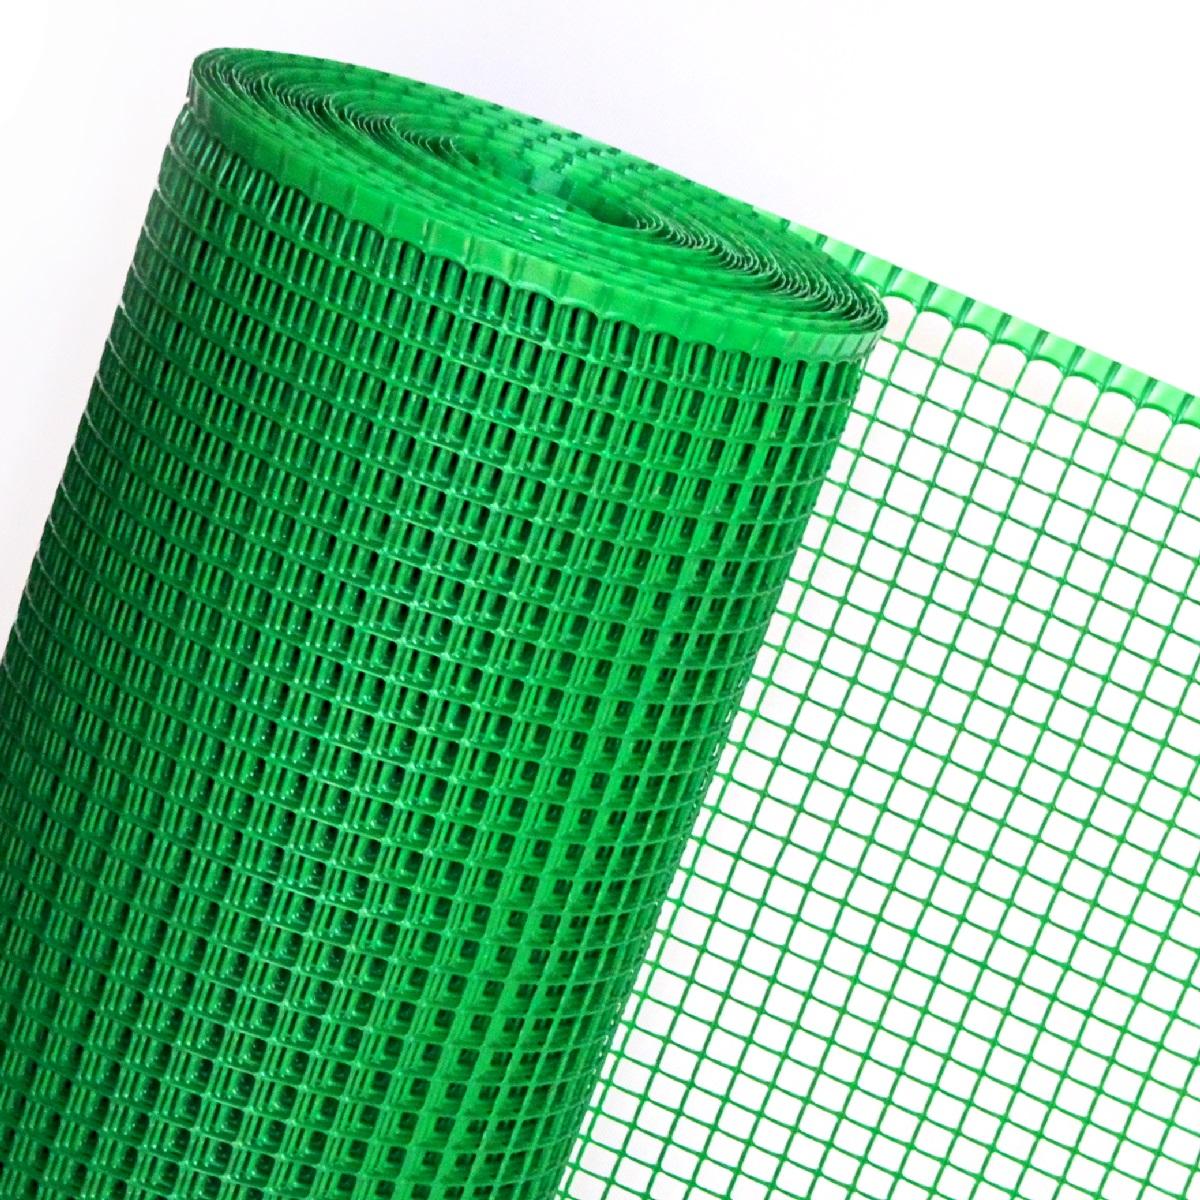 MAULWURFGITTER in 1,2m Br. (Meterware) Kunststoffgitter unter Rollrasen in grün